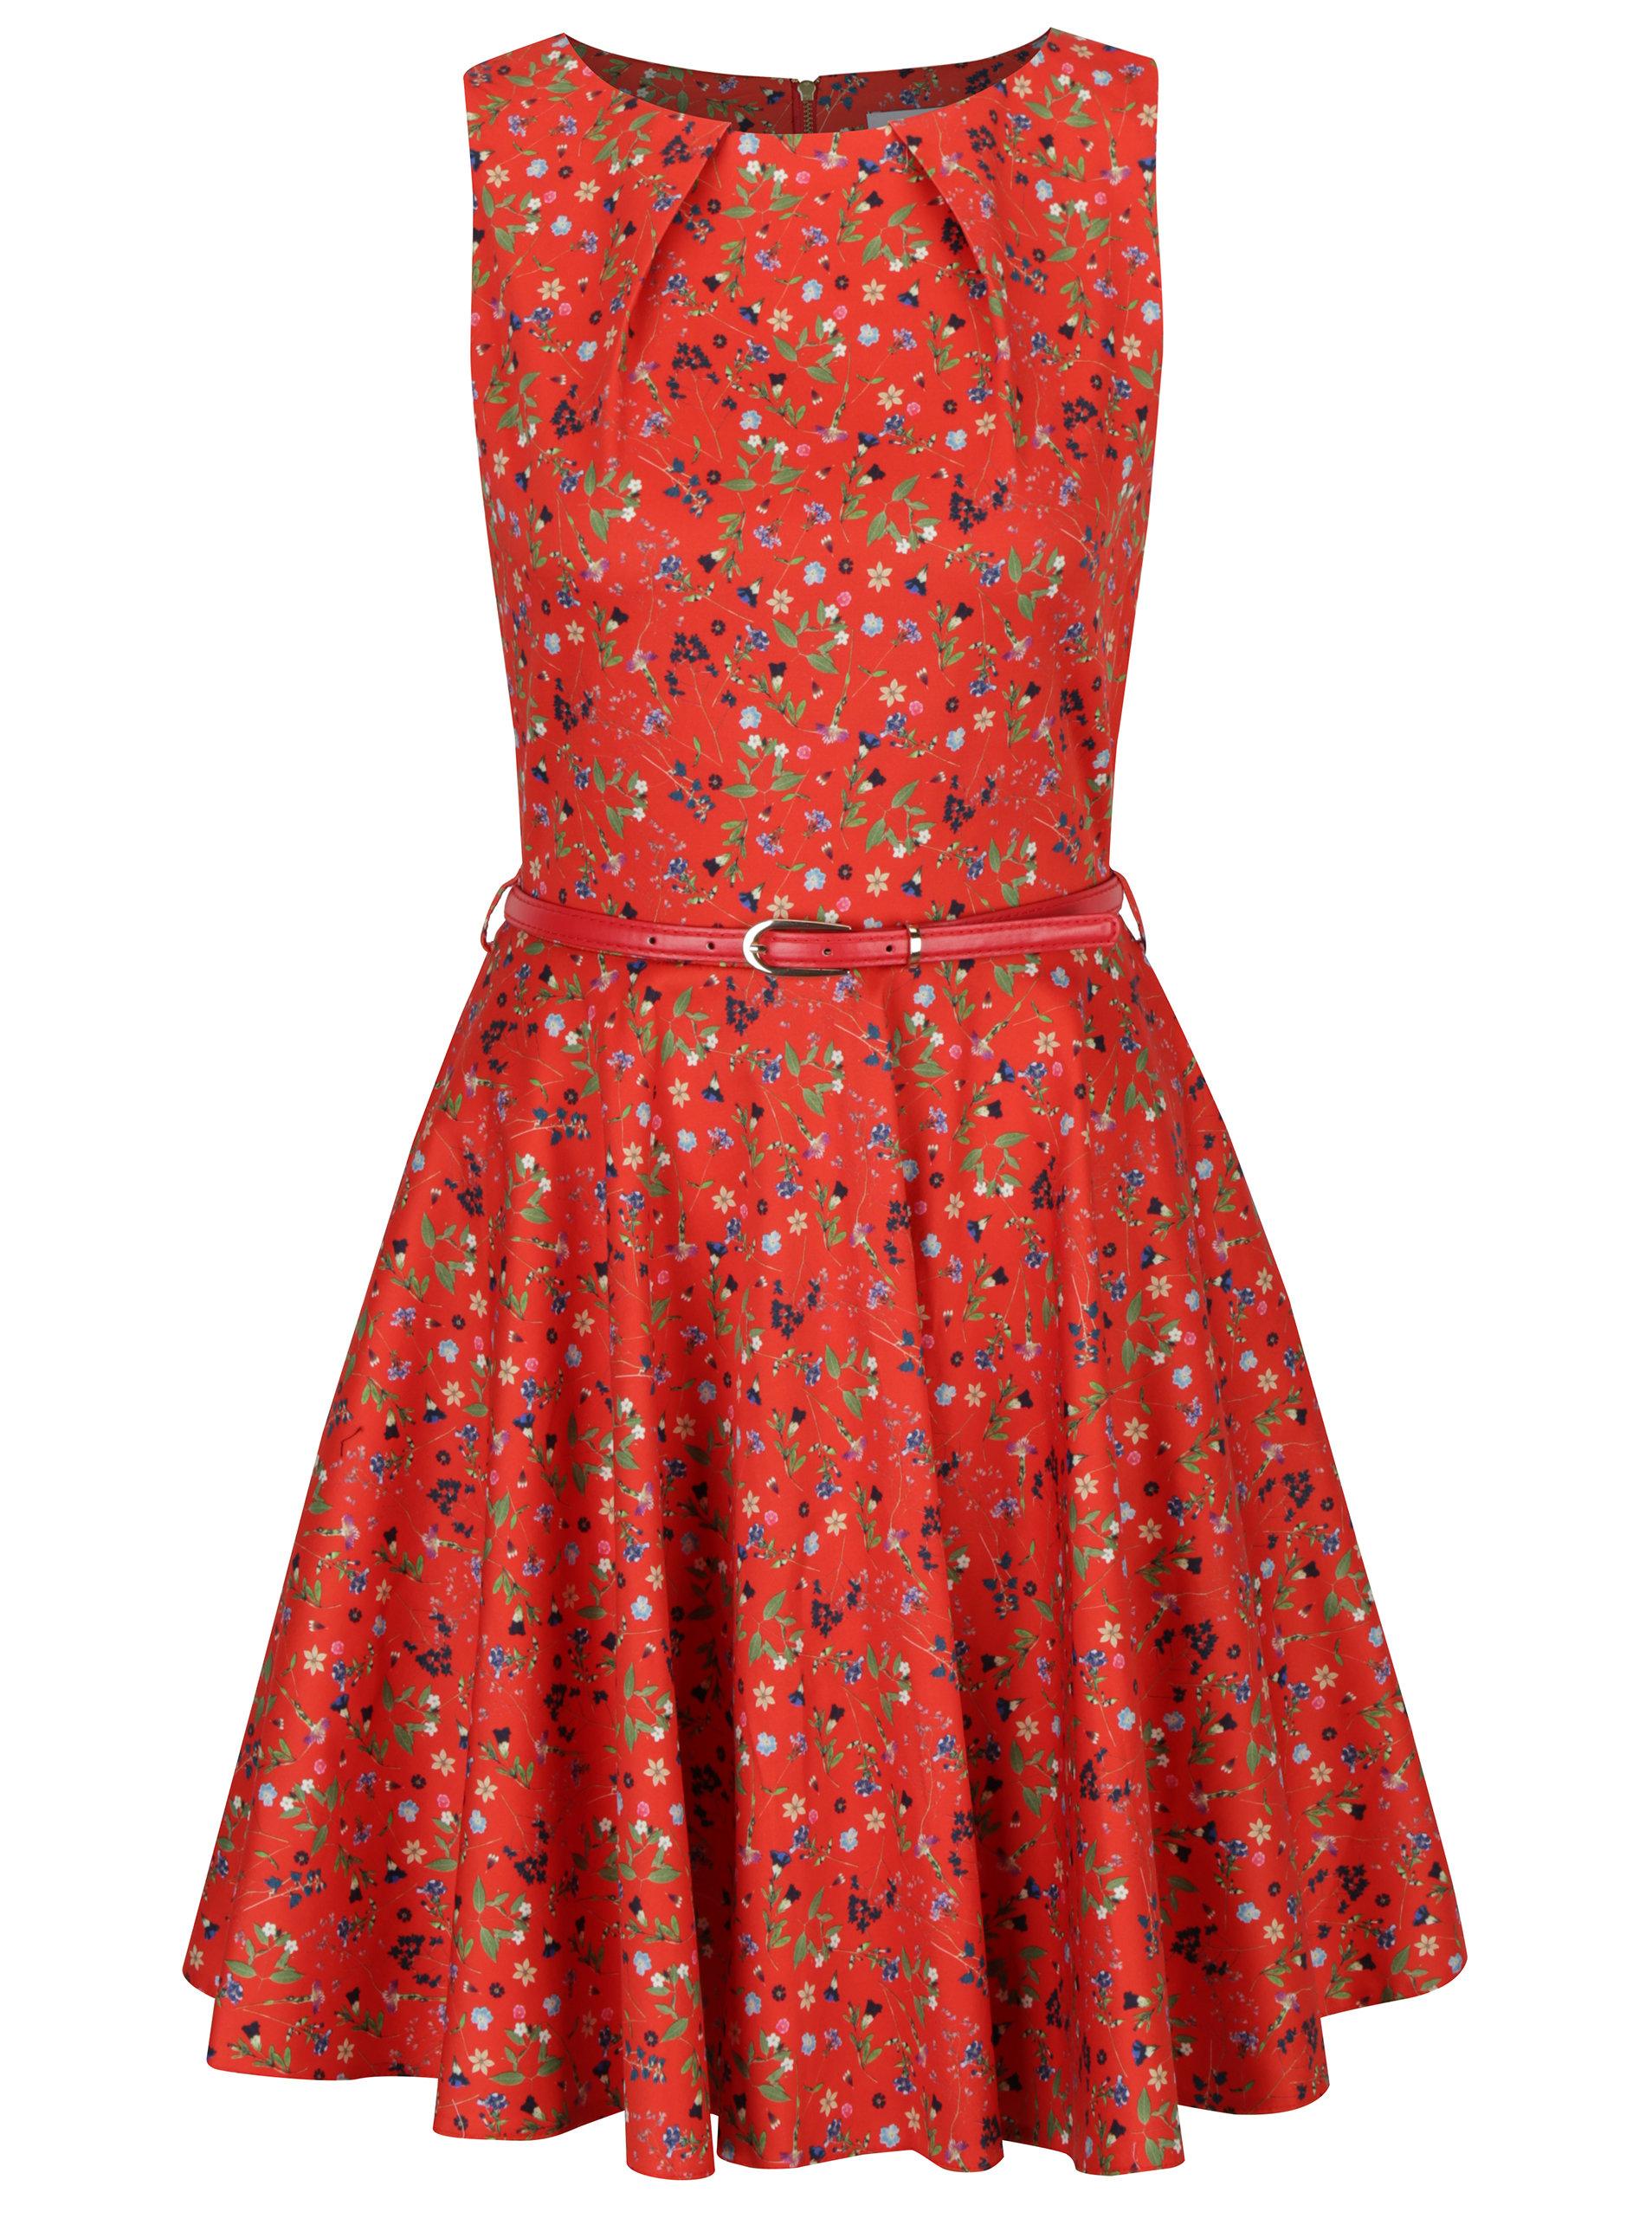 e7bce01a15c9 Červené květované šaty s páskem a kolovou sukní Closet ...